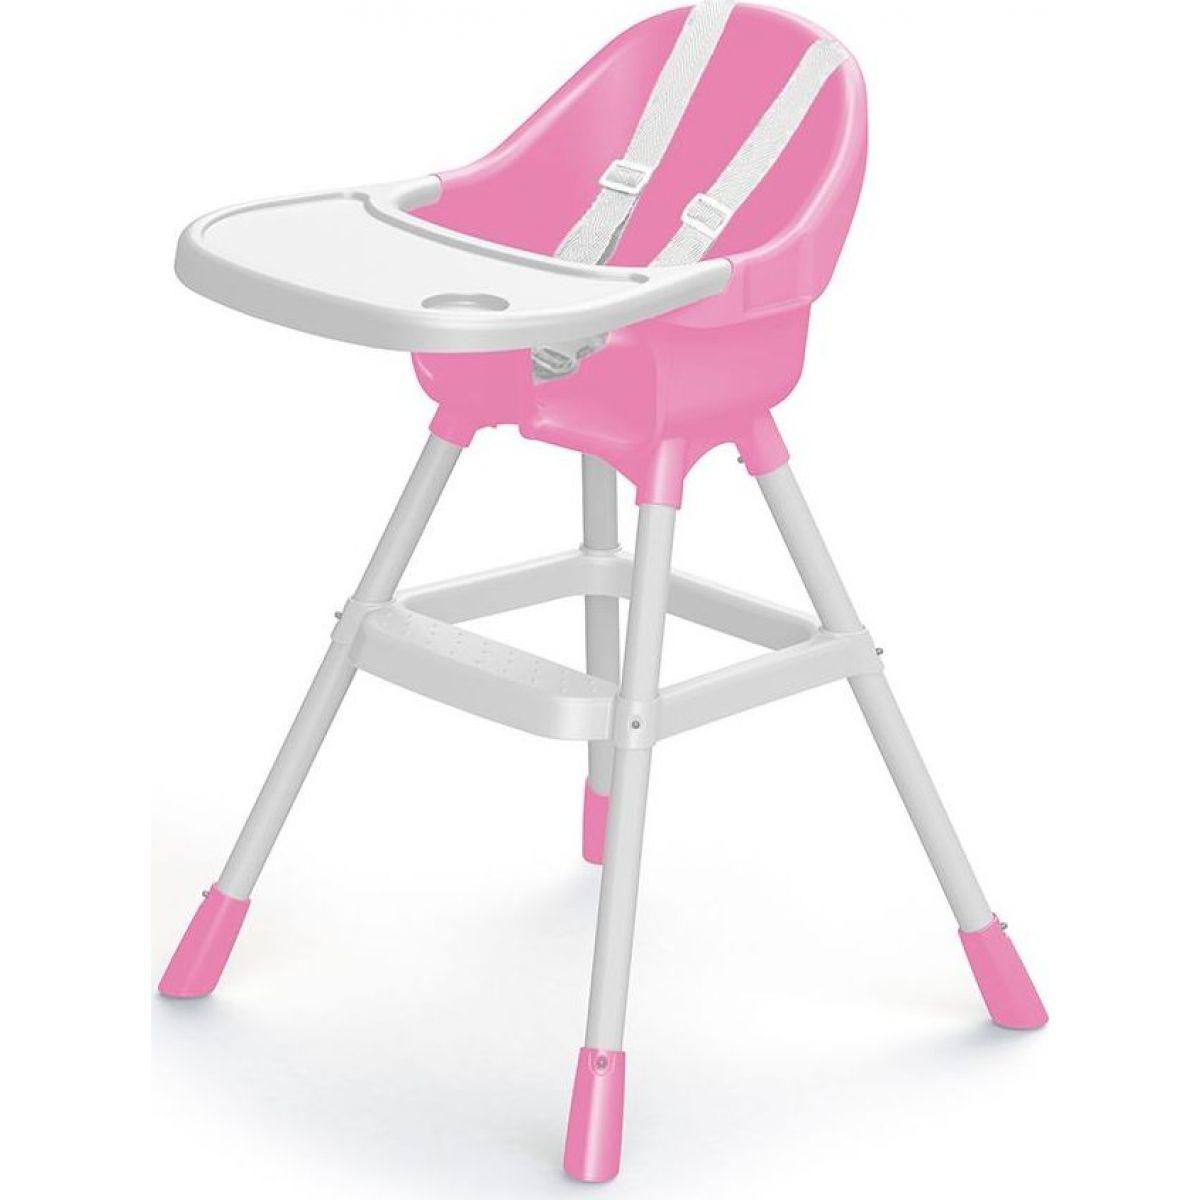 Dolu Detská jedálenská stolička ružová